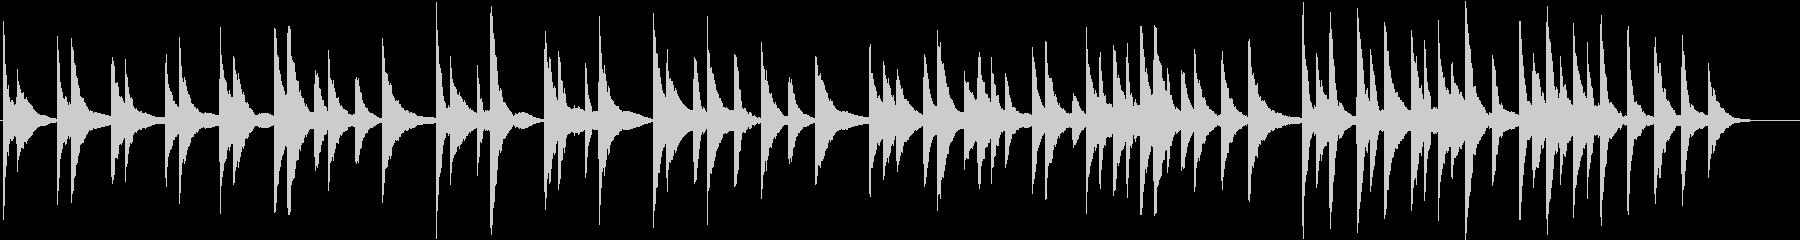 ピアノの音色で作ったシンプルな曲の未再生の波形